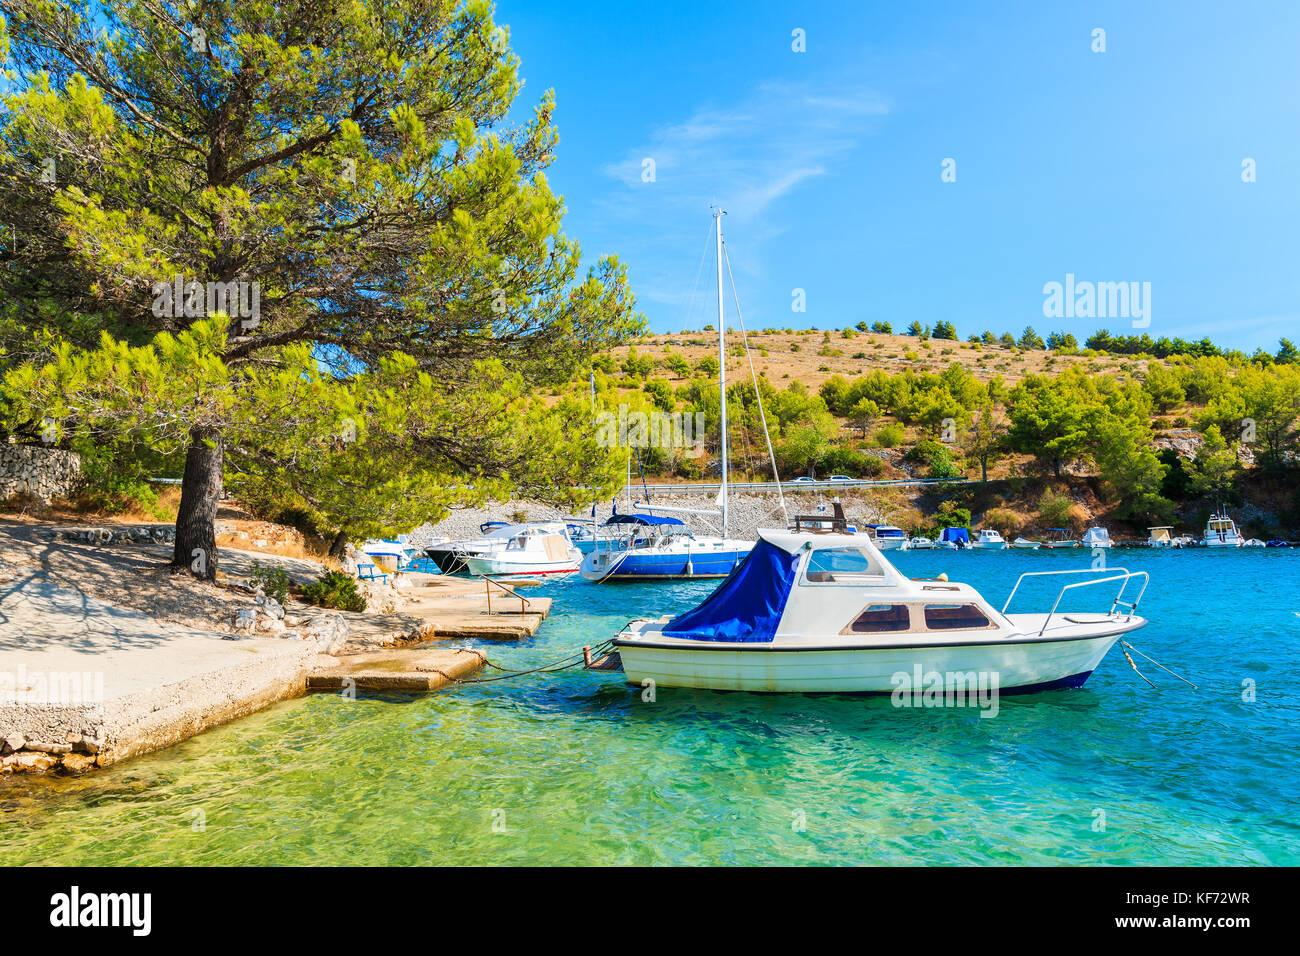 Boote im schönen Meeresbucht zwischen Sibenik und Primosten, Dalmatien, Kroatien Stockfoto